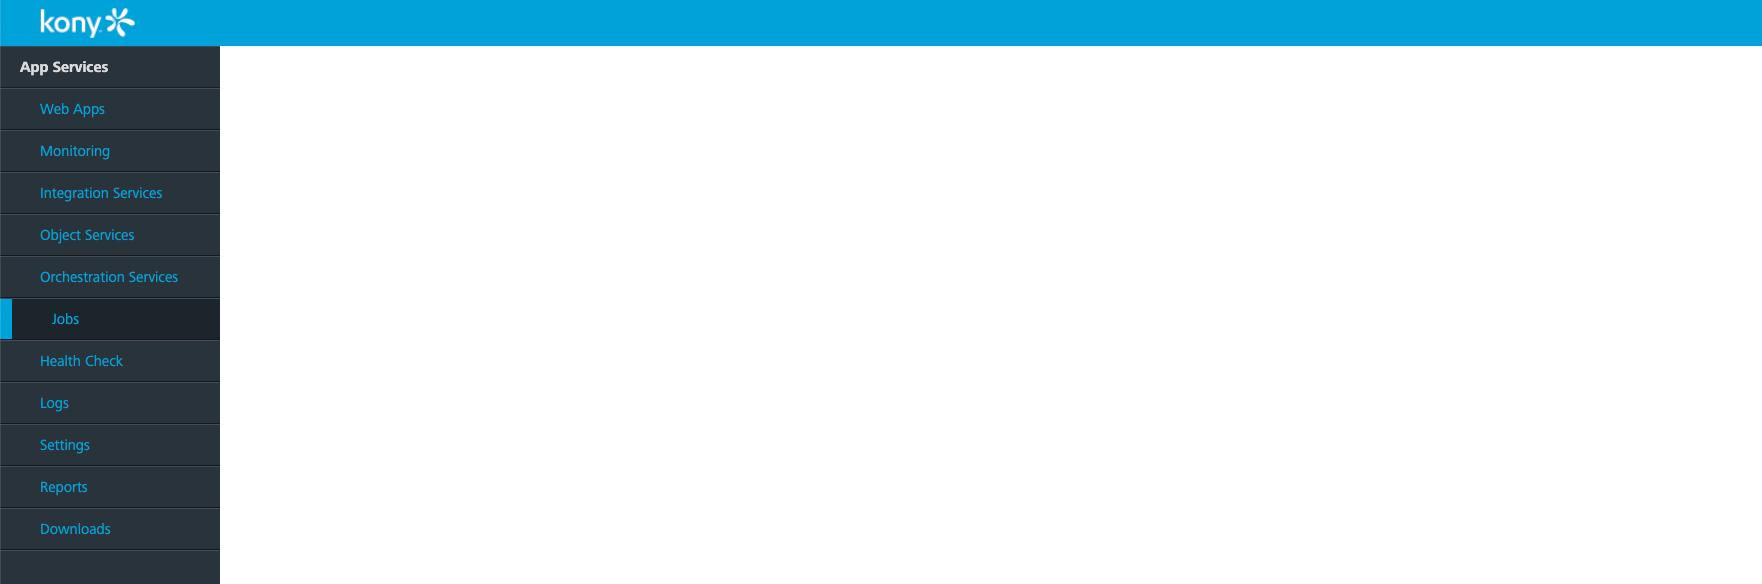 スクリーンショット 2020-06-26 16.50.48.png